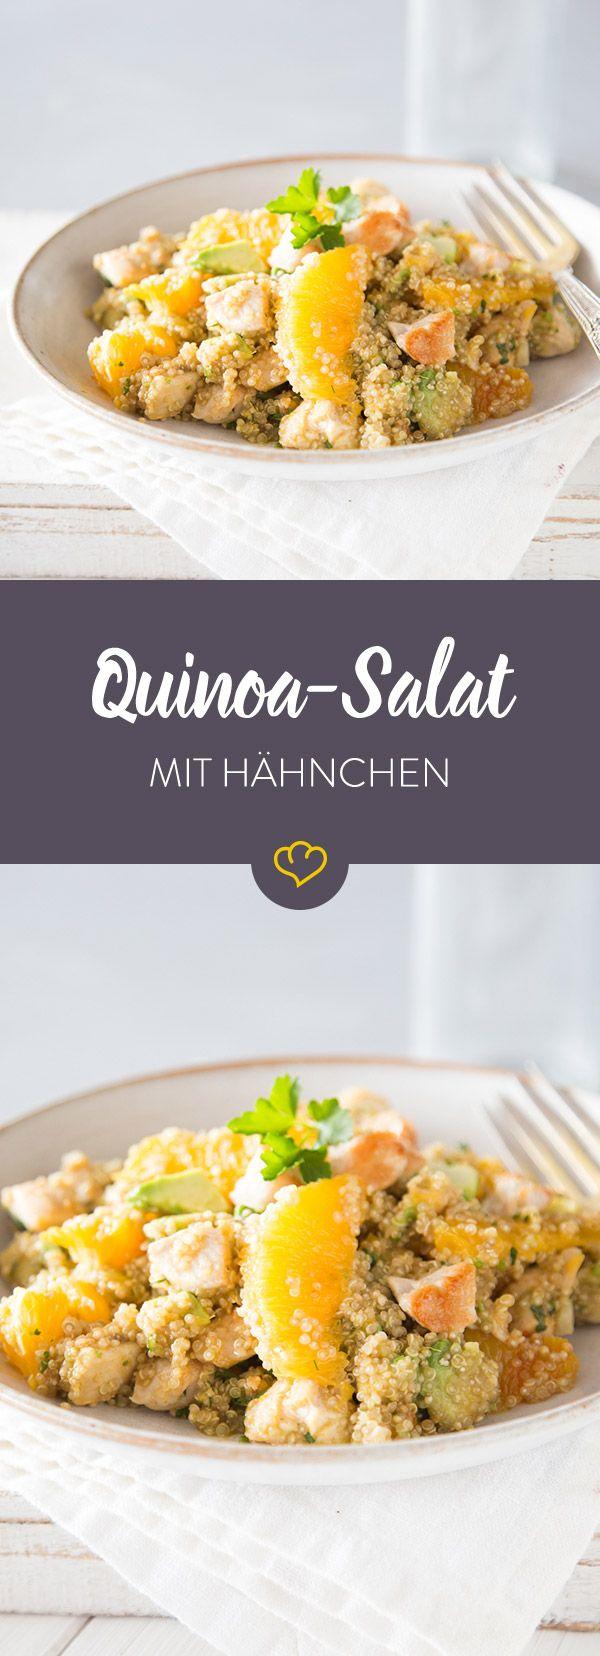 Hähnchen und Ananas – ein alter Hut. Neu ist die Kombination aus Hähnchen und Orange. Schmeckt zu Quinoa und einem fruchtigen Honig-Dressing ganz wunderbar.